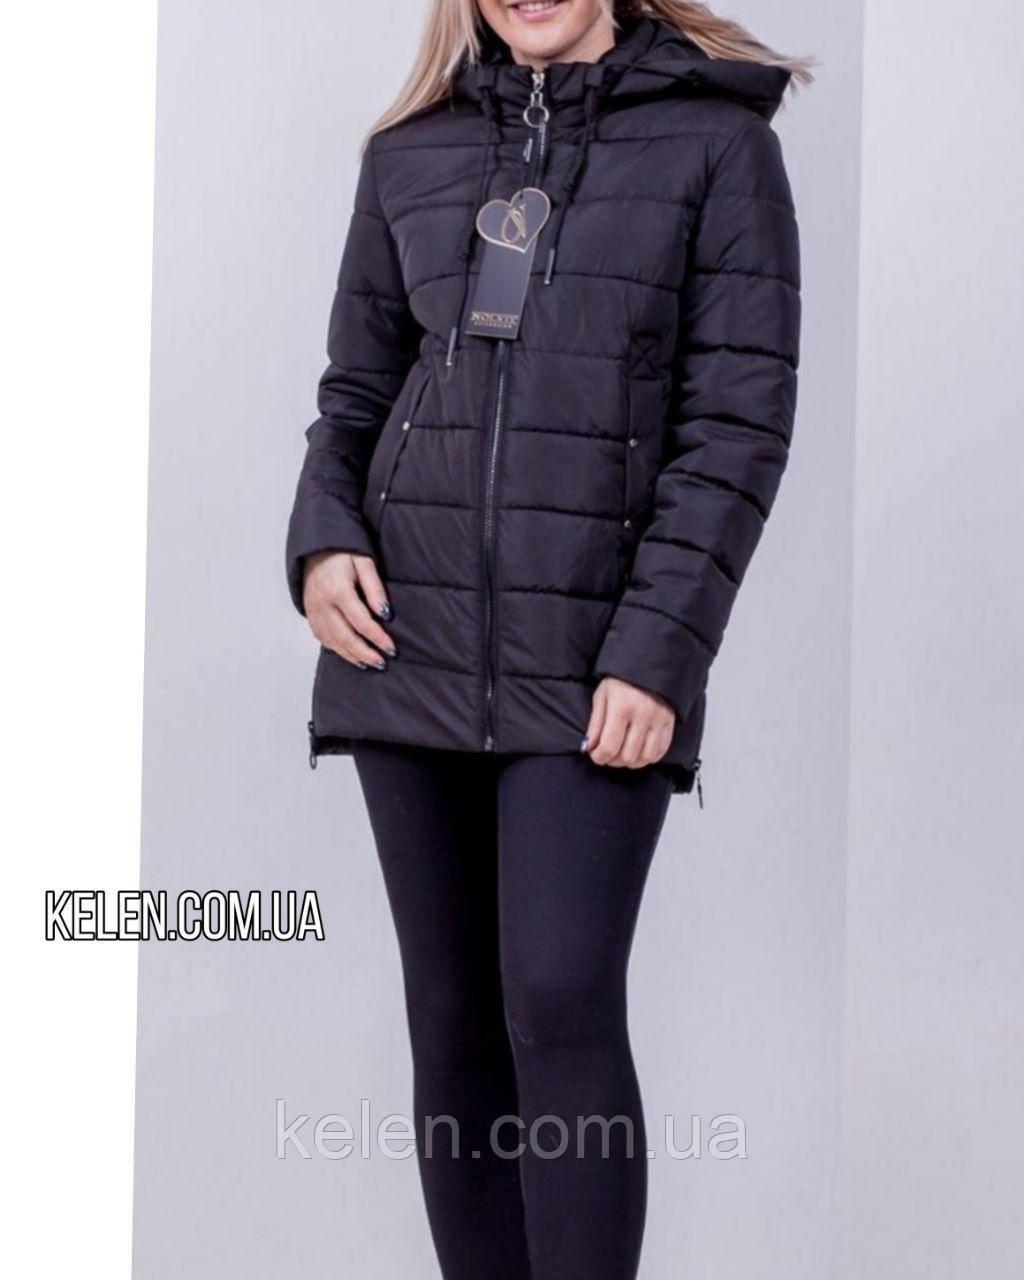 Куртка весна-осень черная матовая  размеры